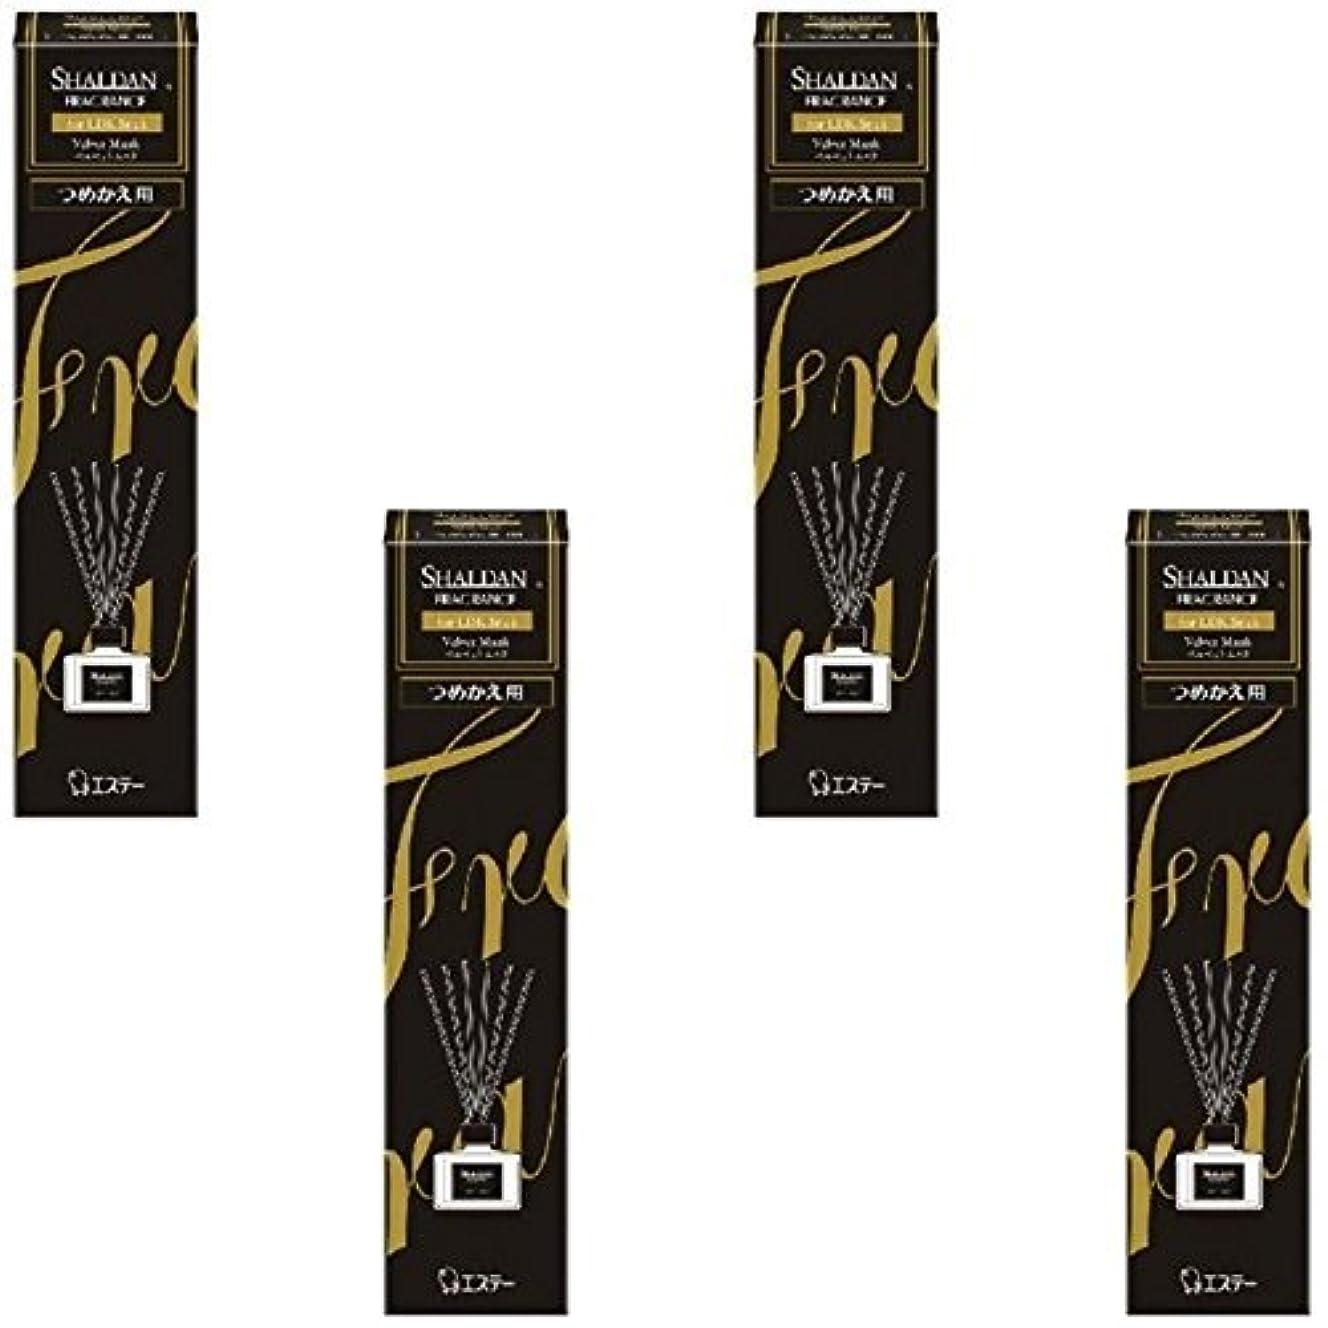 高度アーク方向【まとめ買い】シャルダン SHALDAN フレグランス for LDK Stick 芳香剤 部屋用 つめかえ ベルベットムスク 80ml【×4個】